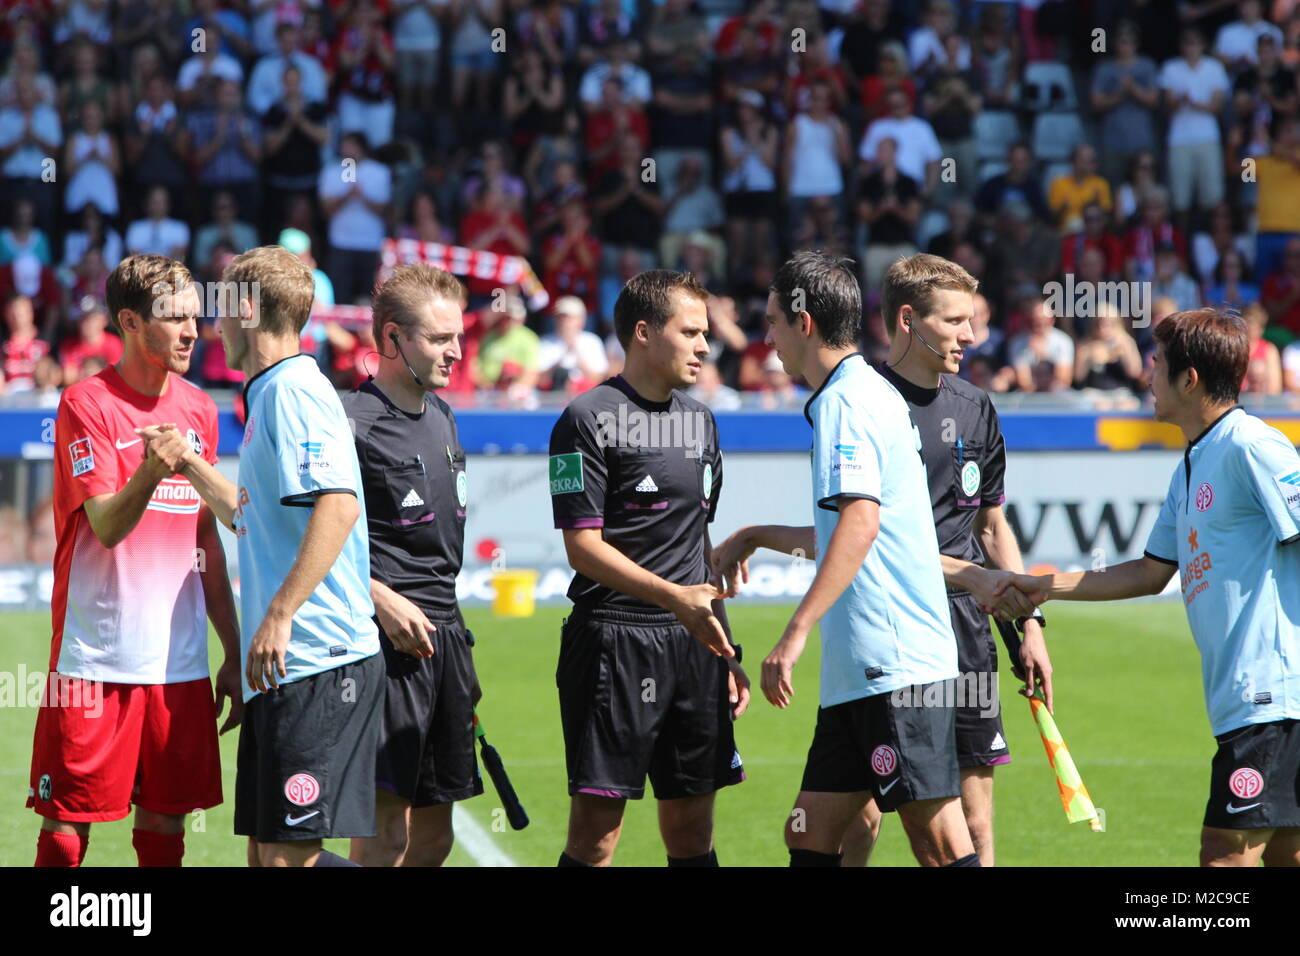 Neuerung im Deutschen Fußball: Per Handschlag begrüßen sich die Mannschaften und Schiedsrichter vor - Stock Image